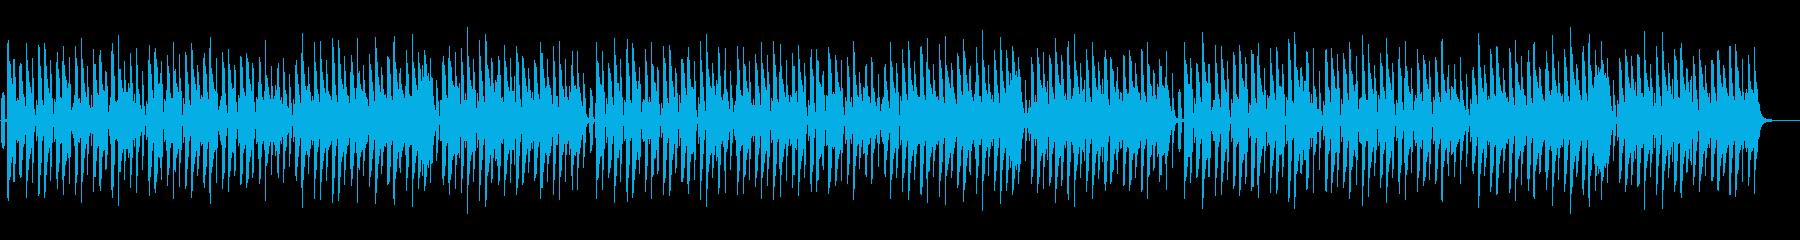 ほのぼの脱力系「仰げば尊し」の再生済みの波形